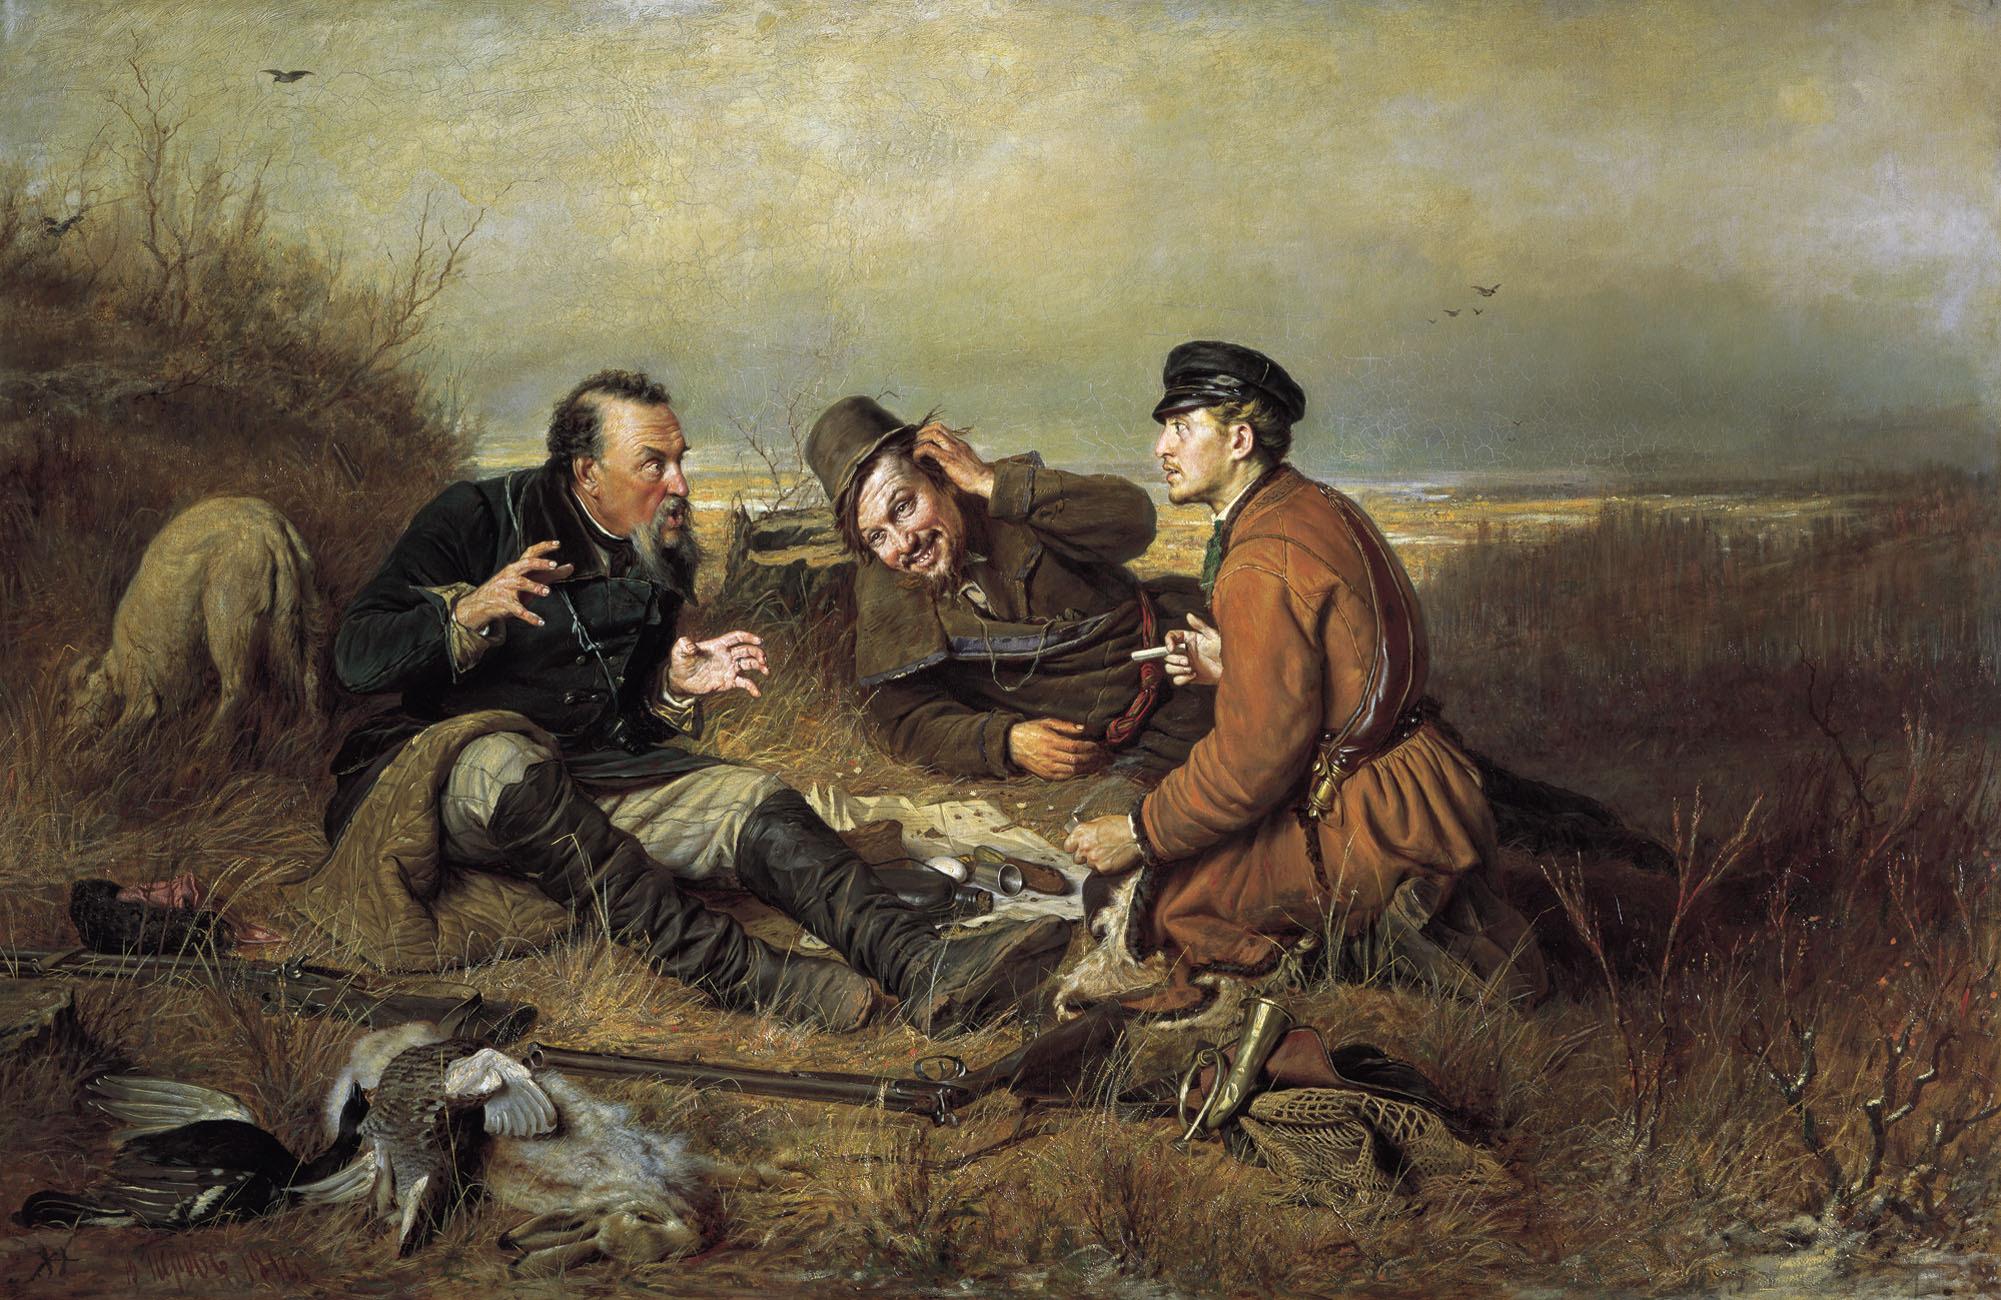 Картина В.Г. Перова «Охотники на привале» (2 вариант)